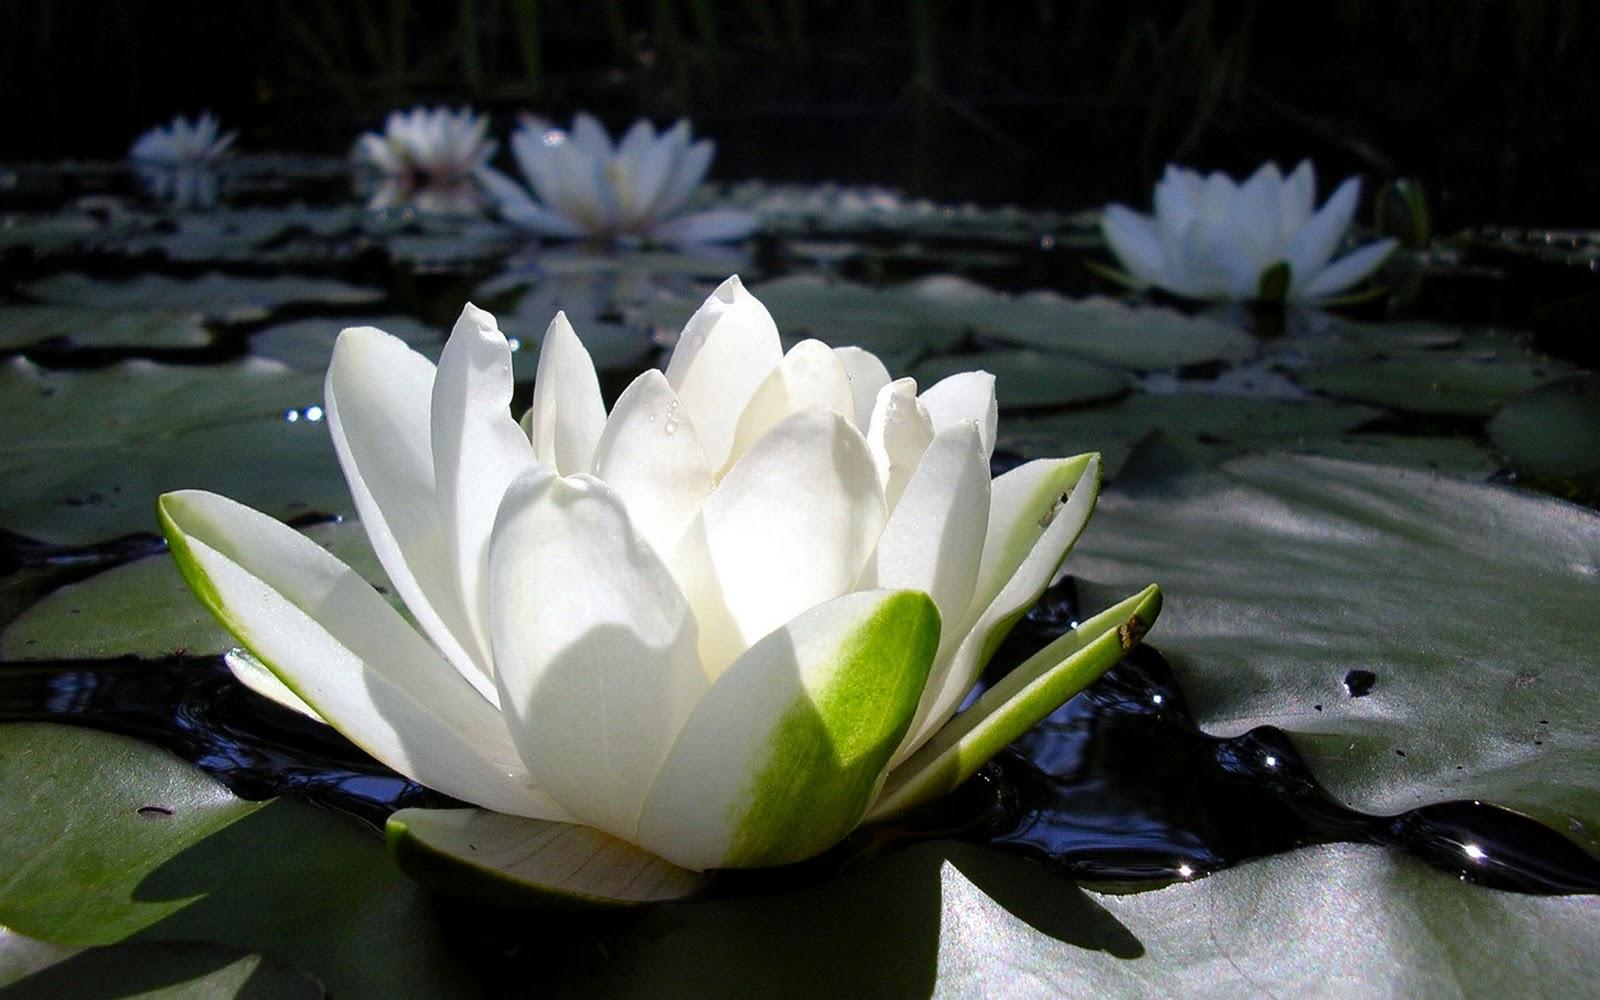 Shafa yoga blog live in peace like a lotus flower live in peace like a lotus flower izmirmasajfo